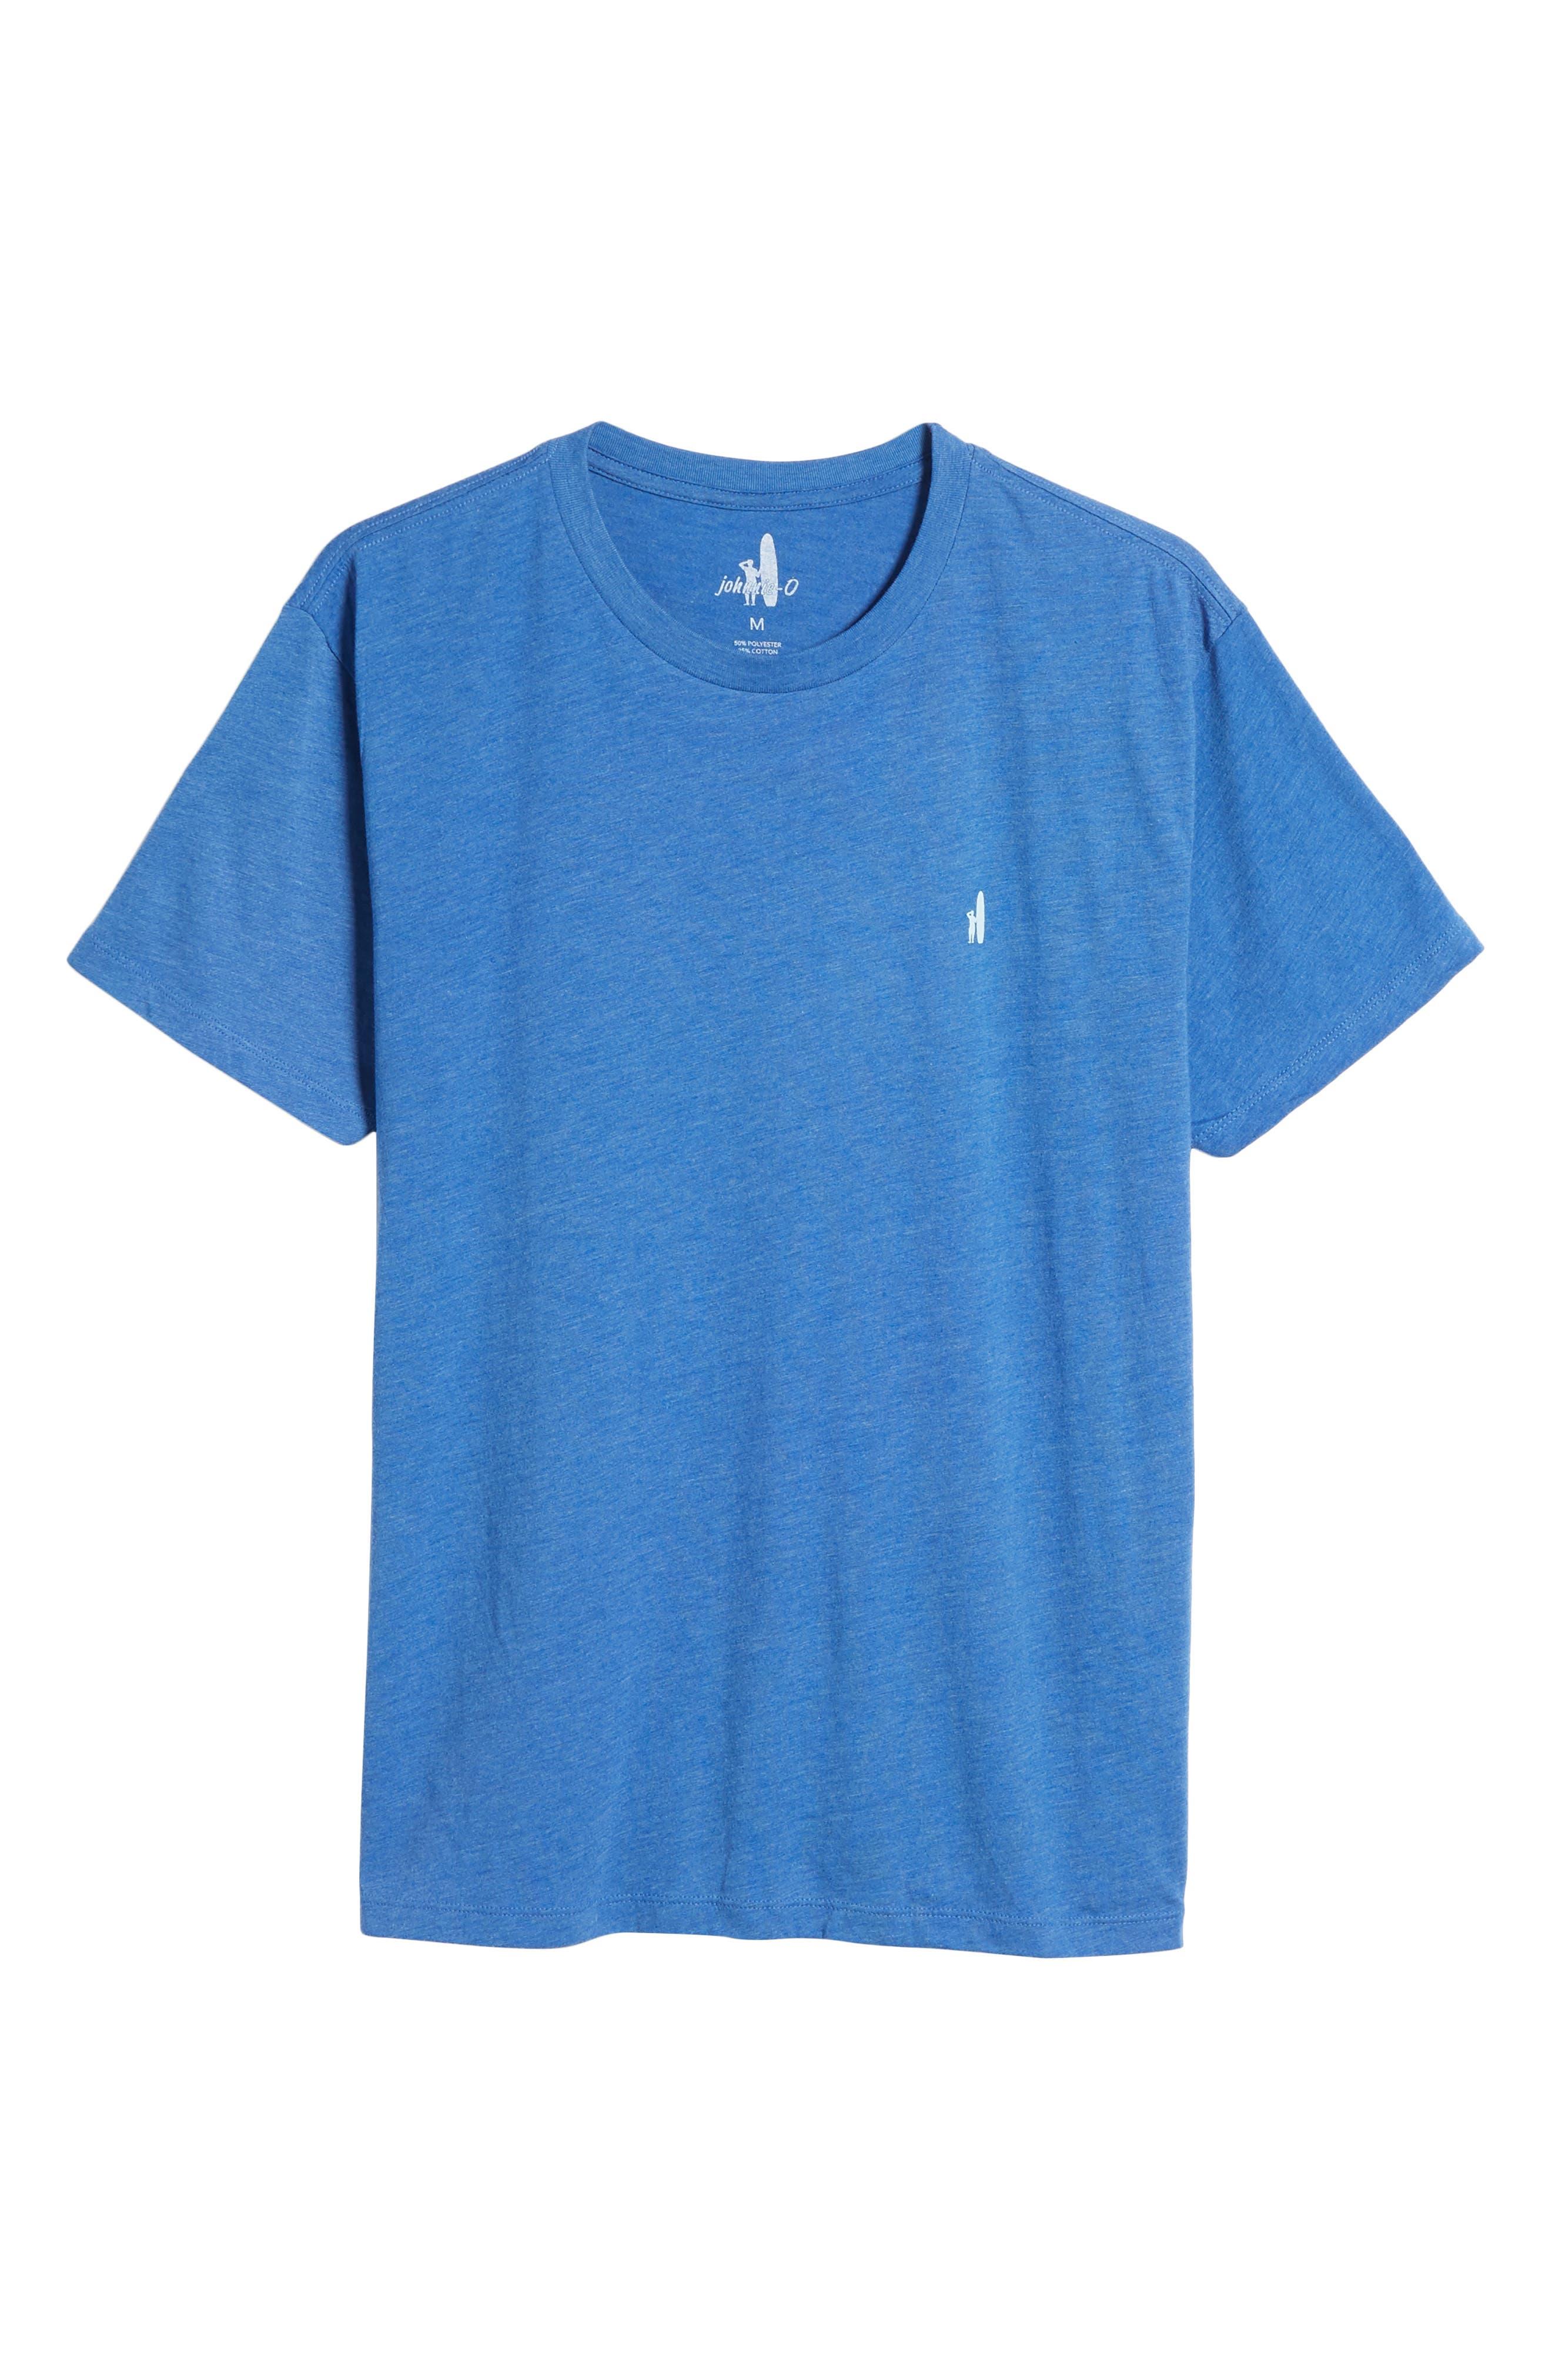 Cali Stripe Graphic T-Shirt,                             Alternate thumbnail 6, color,                             Ripple